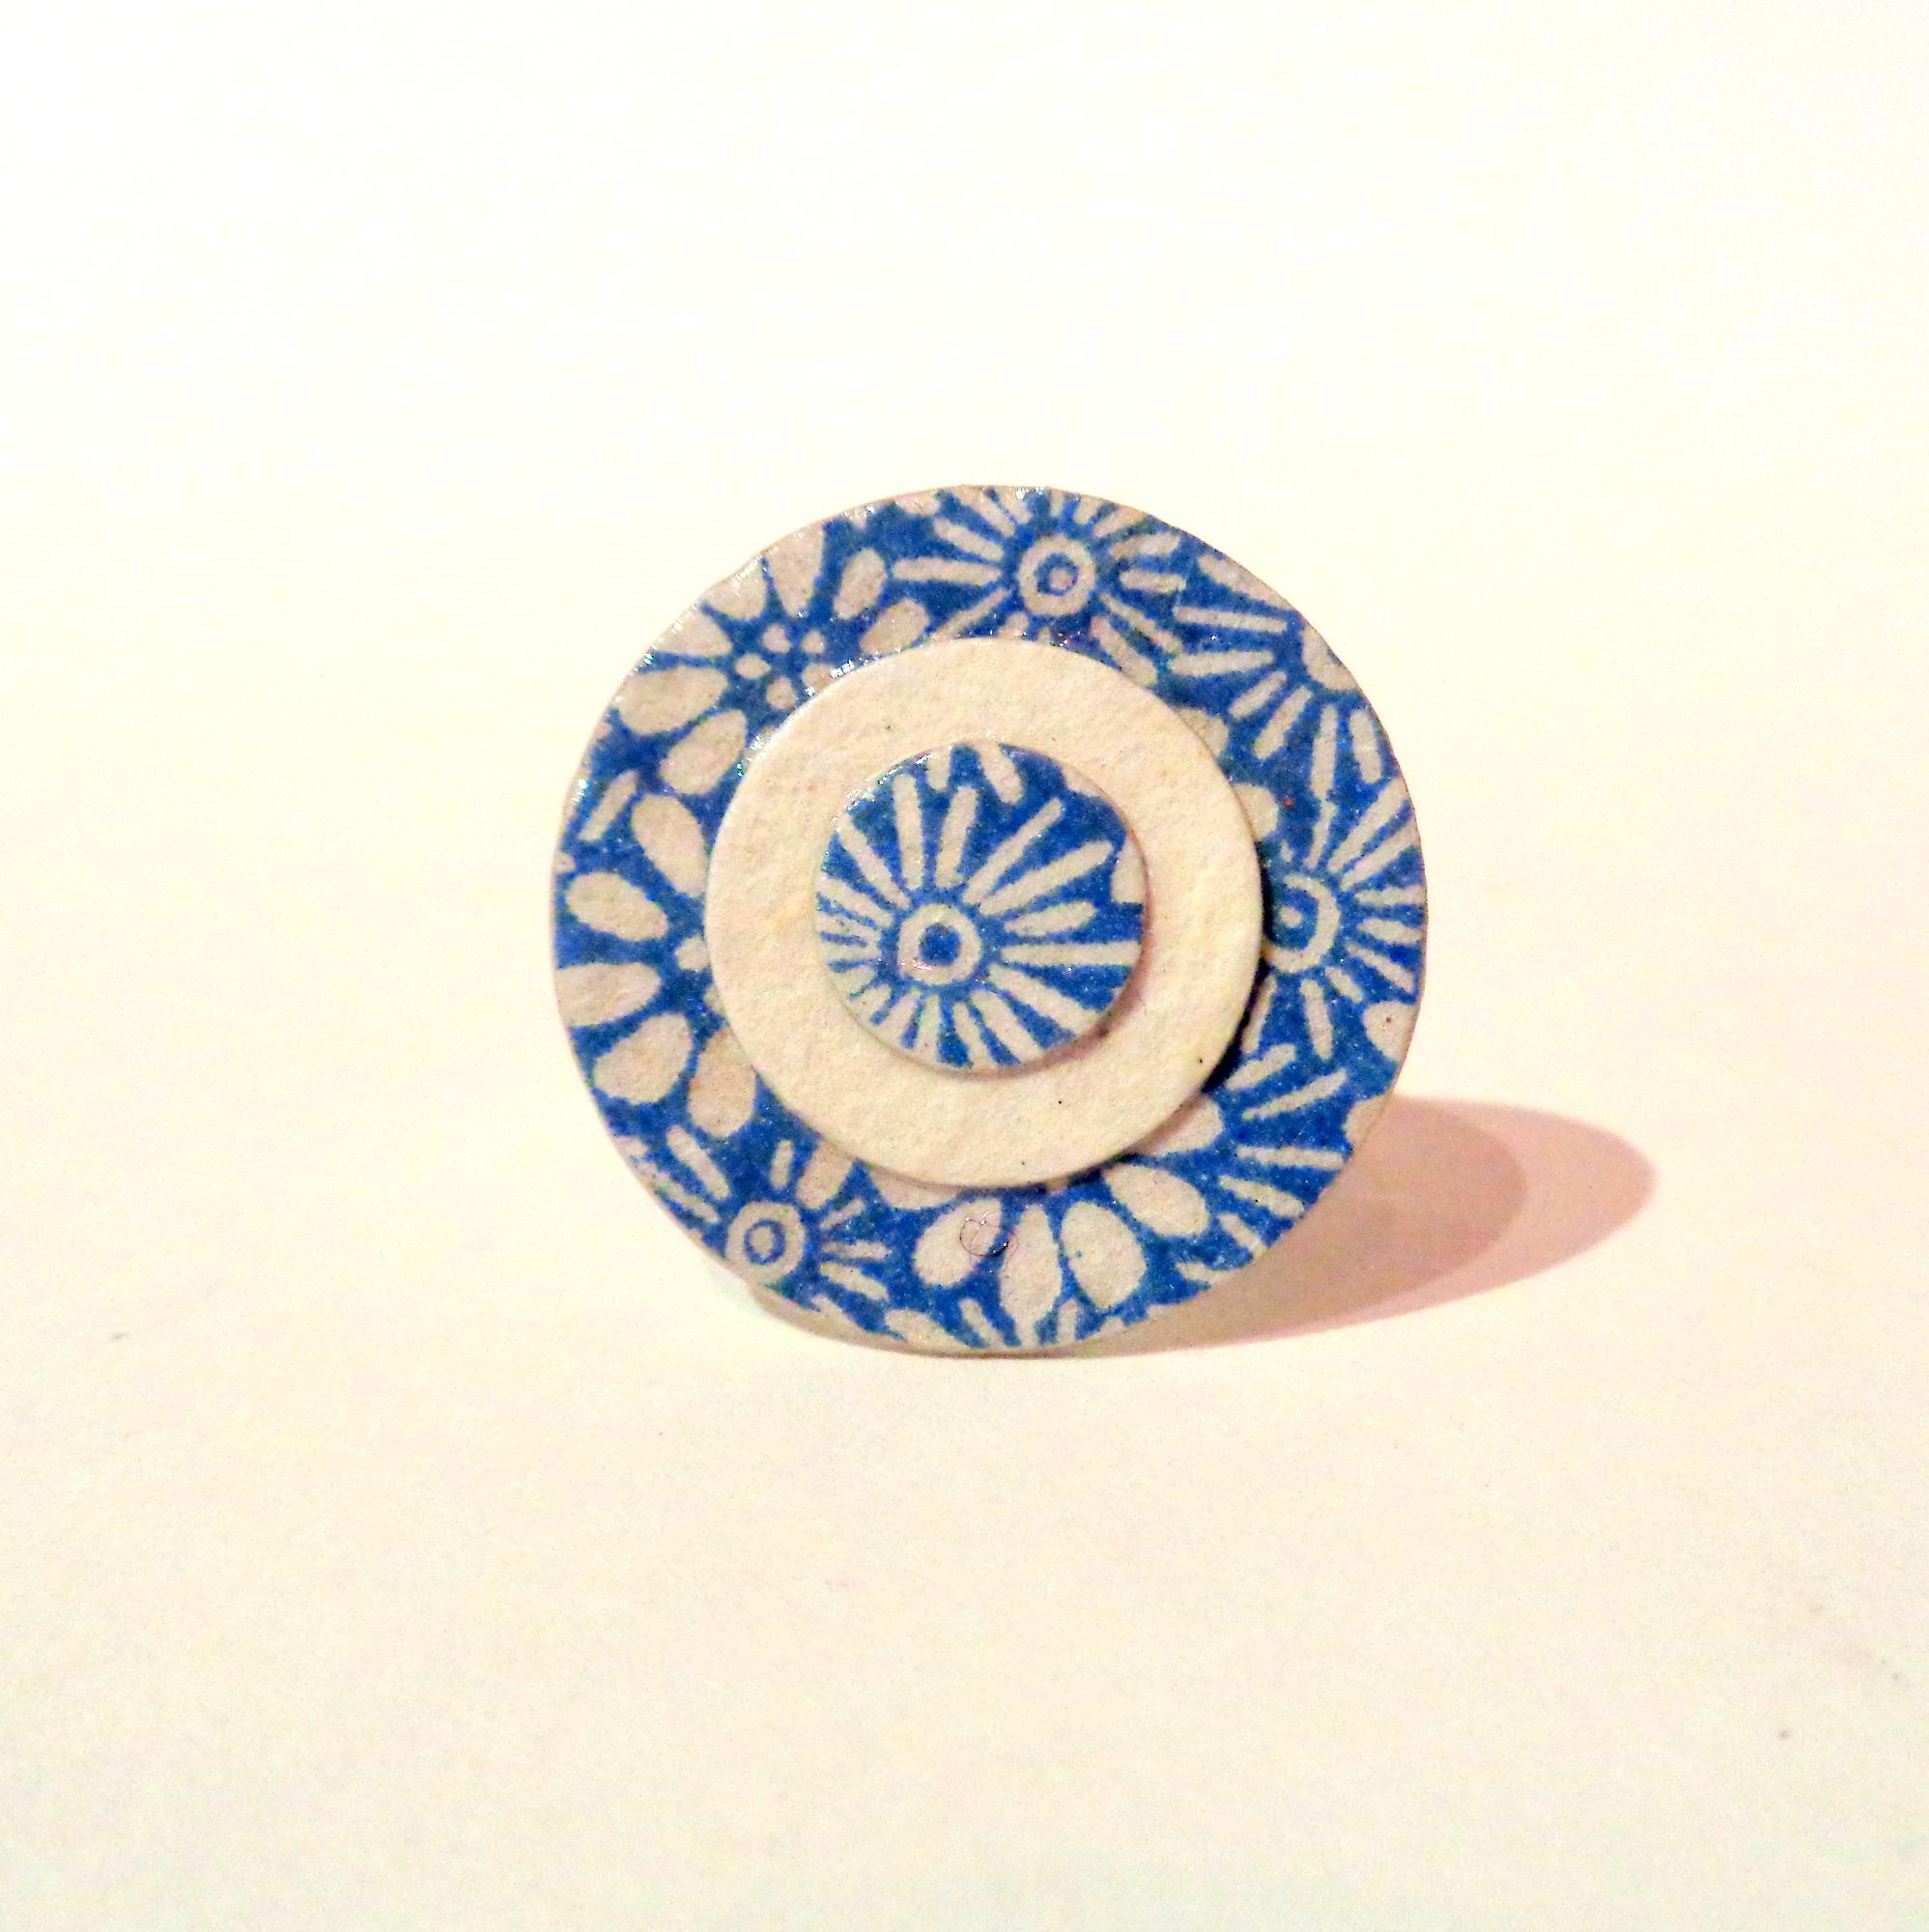 taille 40 dcdd1 59966 Petite bague ronde en carton - Bleu porcelaine à fleurs/Blanc